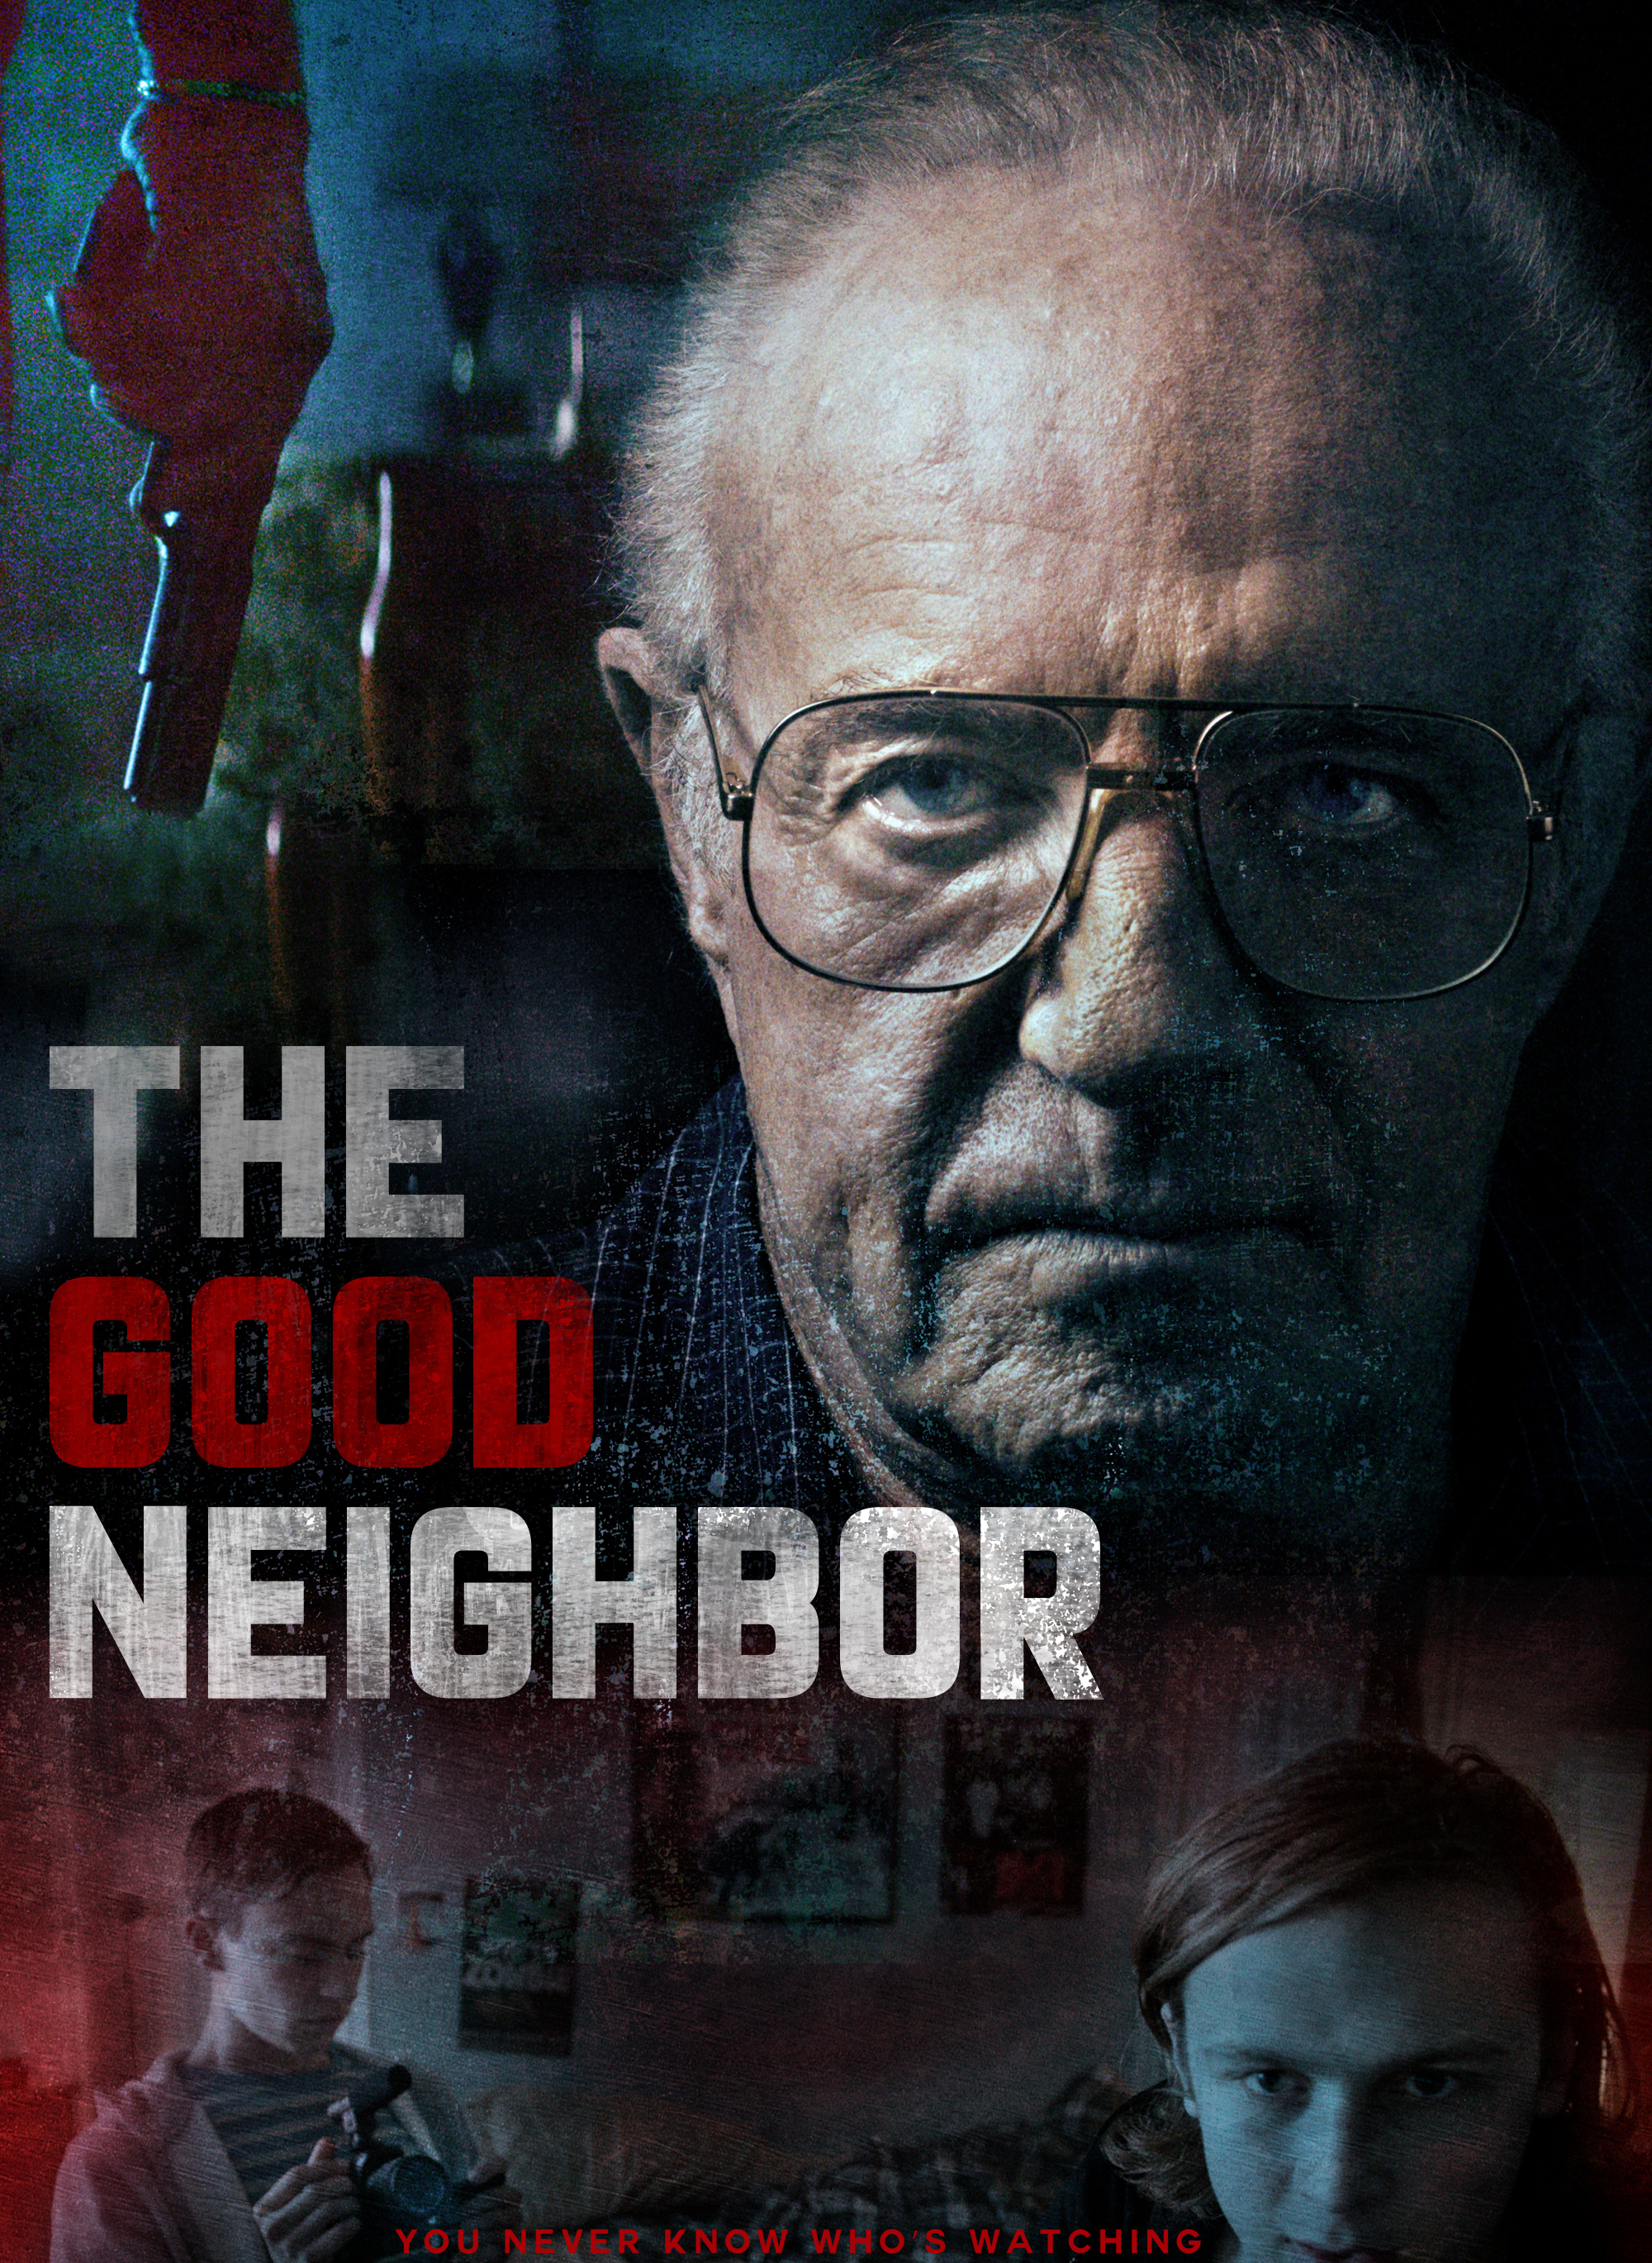 The Good Neighbor (2016)